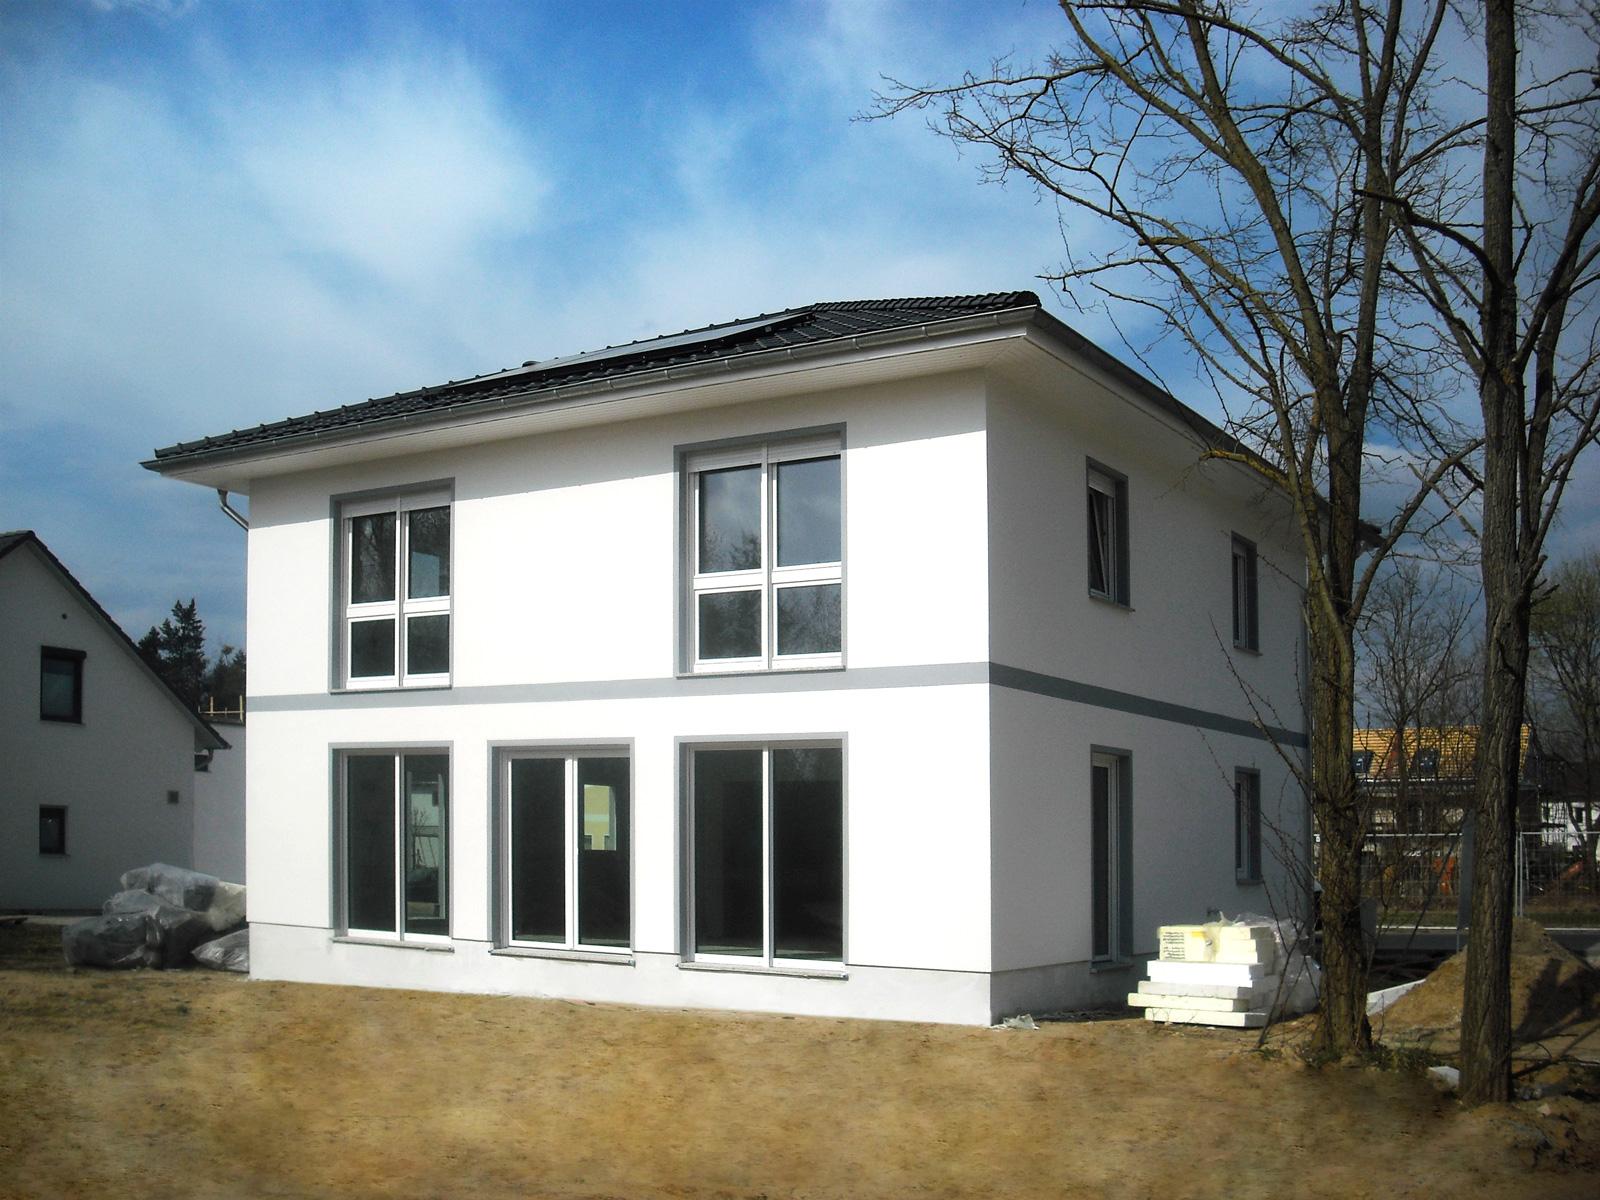 elegante villa f r die ganze familie hausbesichtigung am 28 29 april in berlin gatow. Black Bedroom Furniture Sets. Home Design Ideas